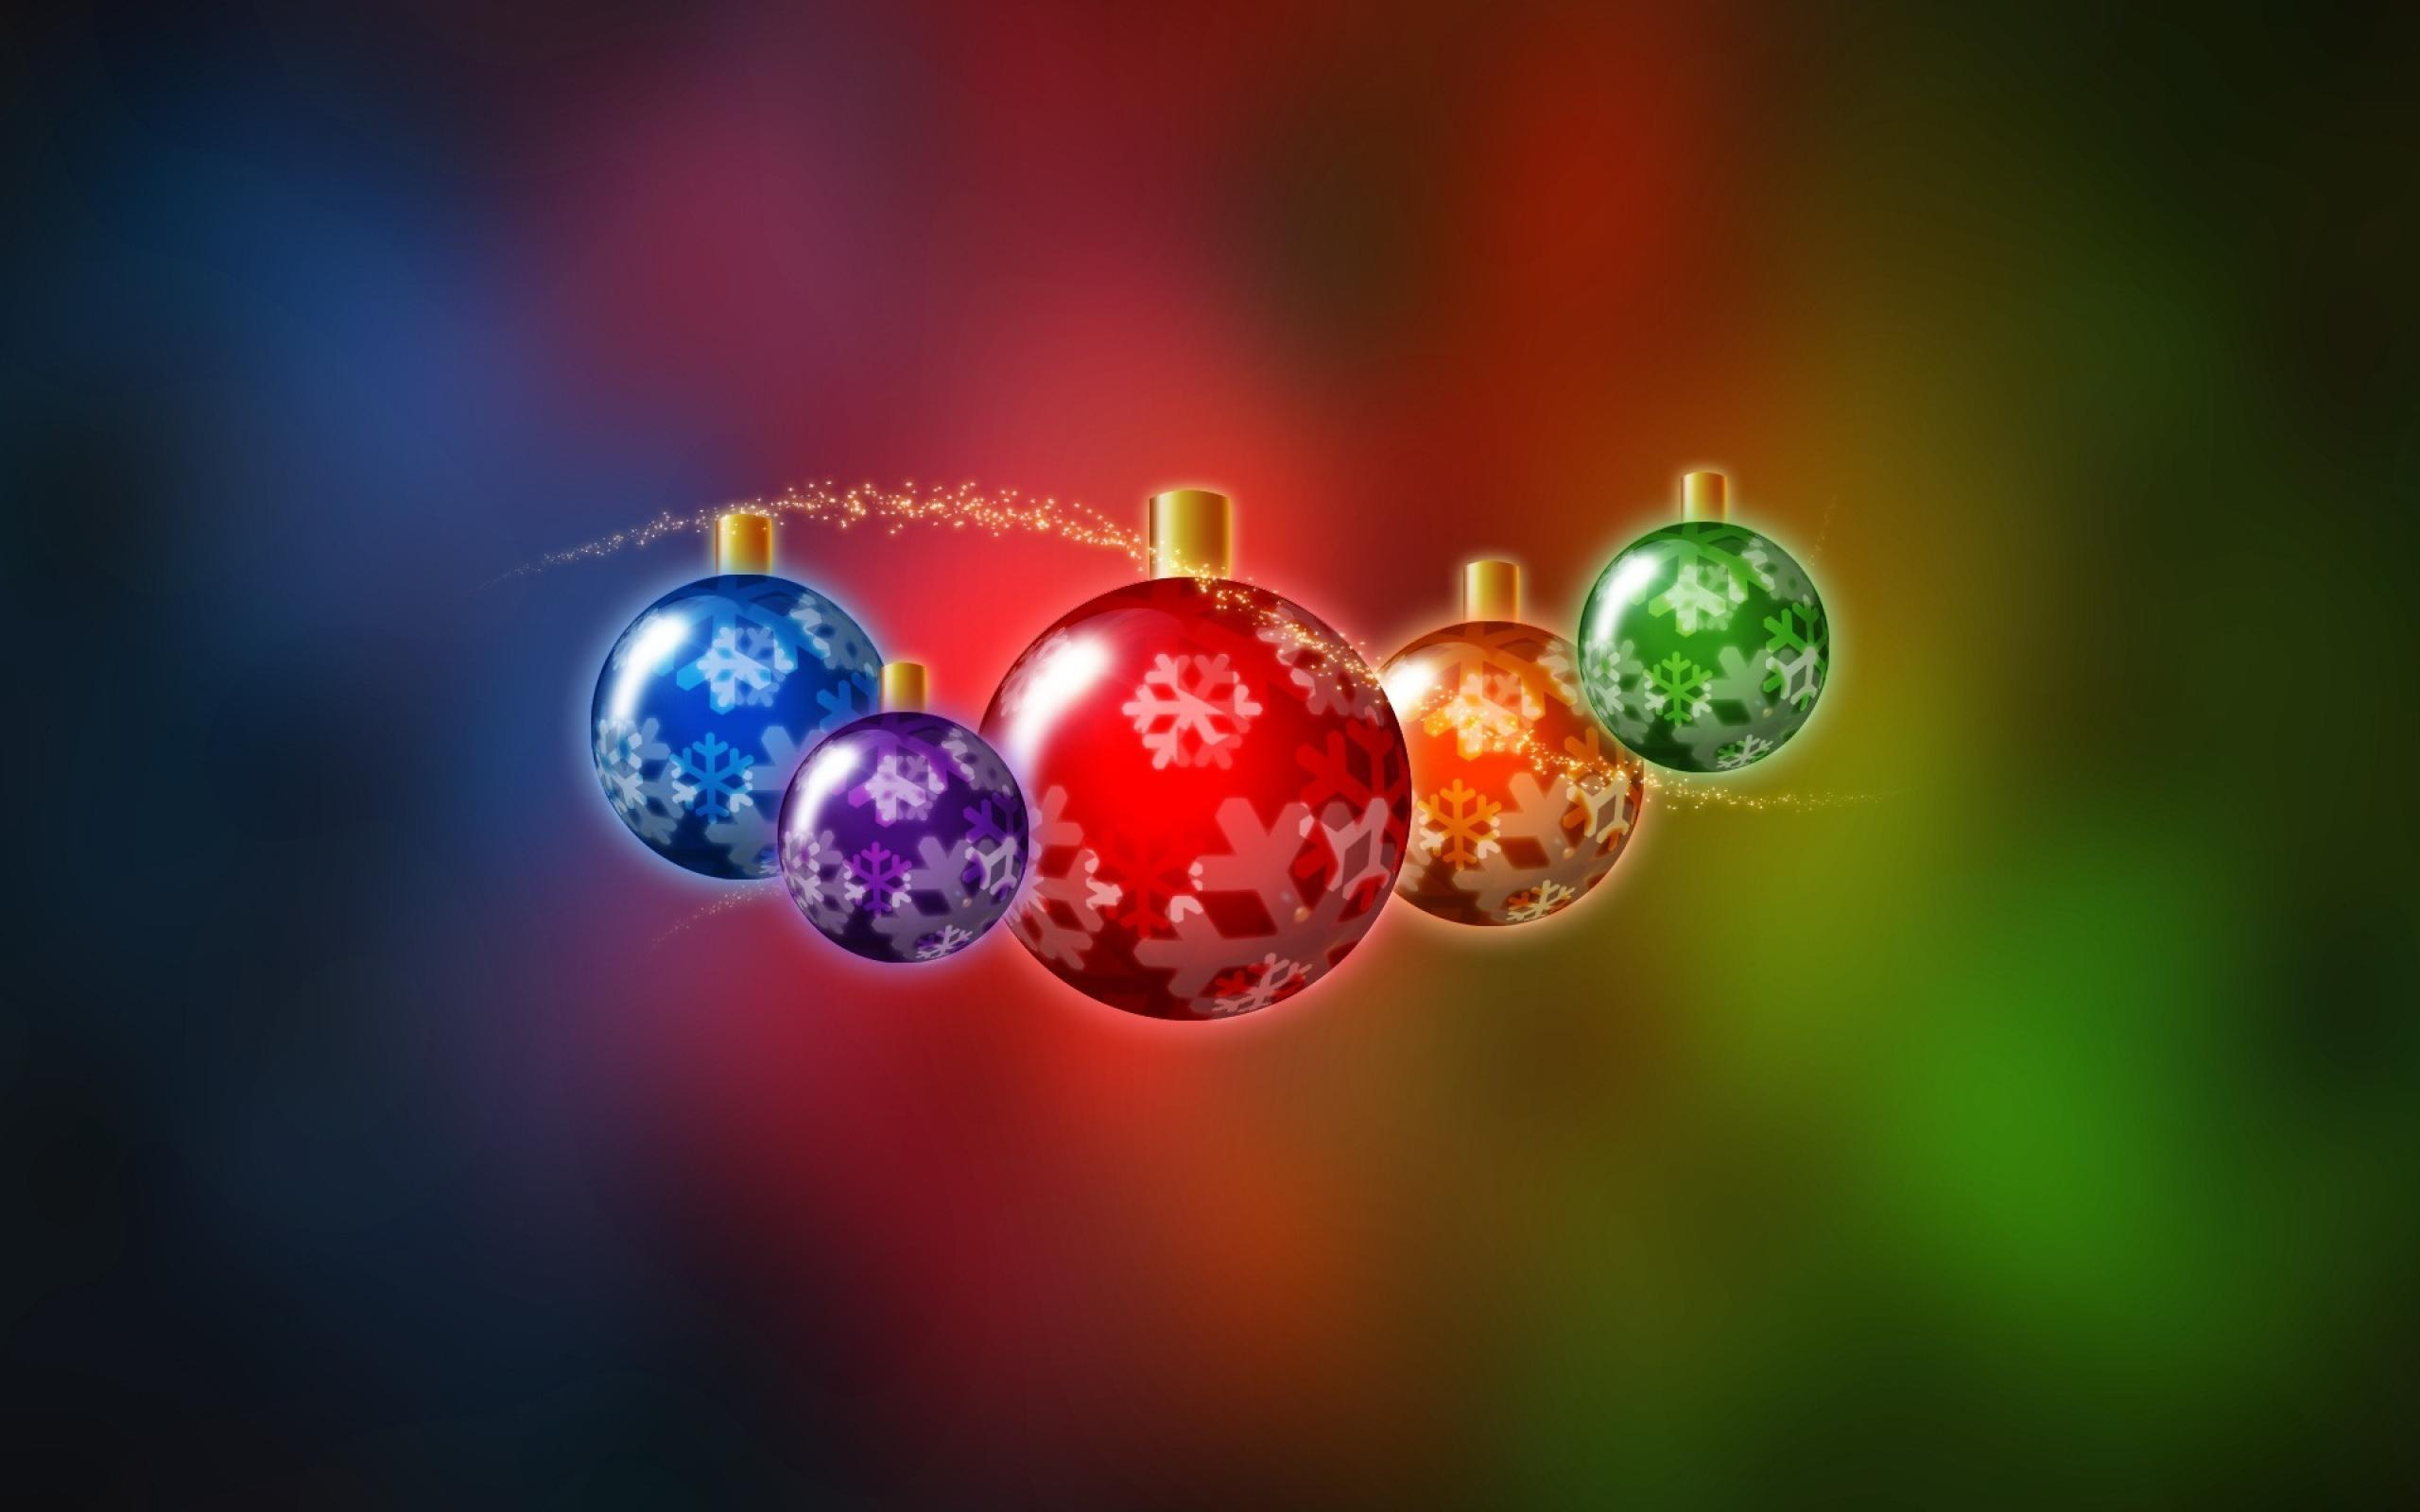 Wallpapers Fondos De Escritorio Navideños Para La Navidad